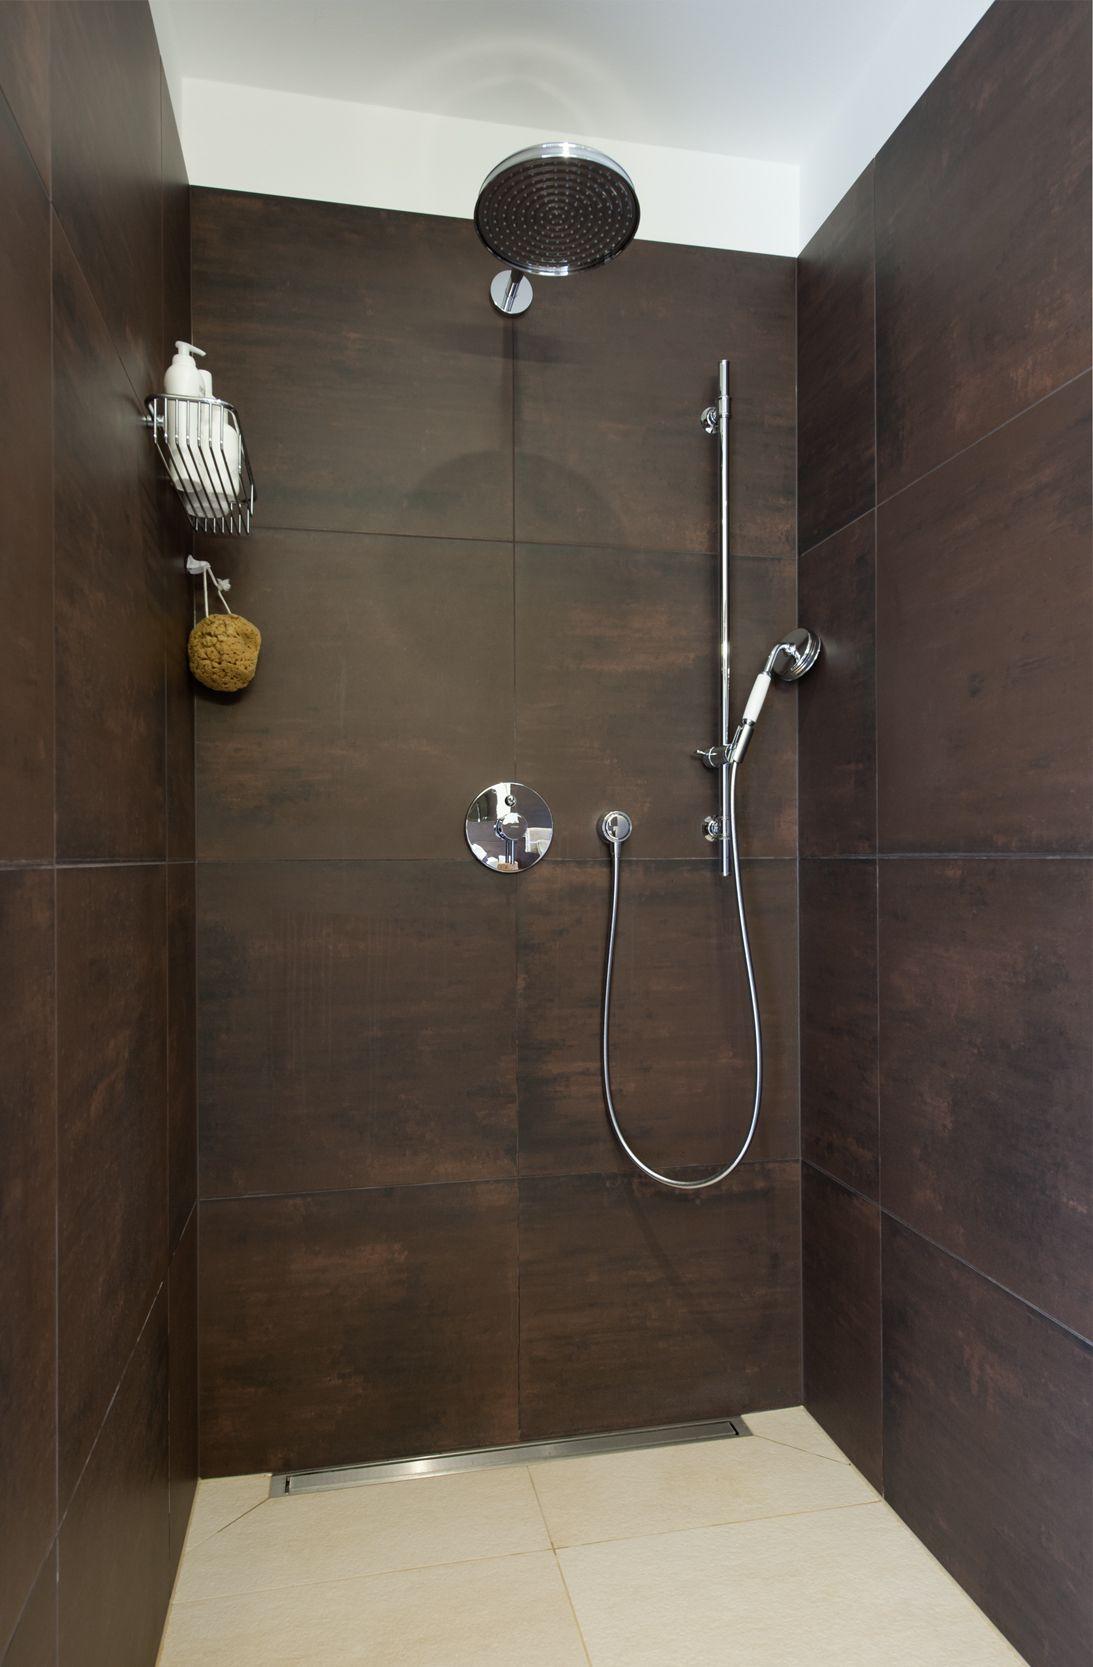 Frei Begehbare Dusche Mit Bodenebenem Einstieg Einhebelmischer Hand Und Kopfbrause Im Retrodesign Wandhangender Mo Begehbare Dusche Boden Fliesen Dusche